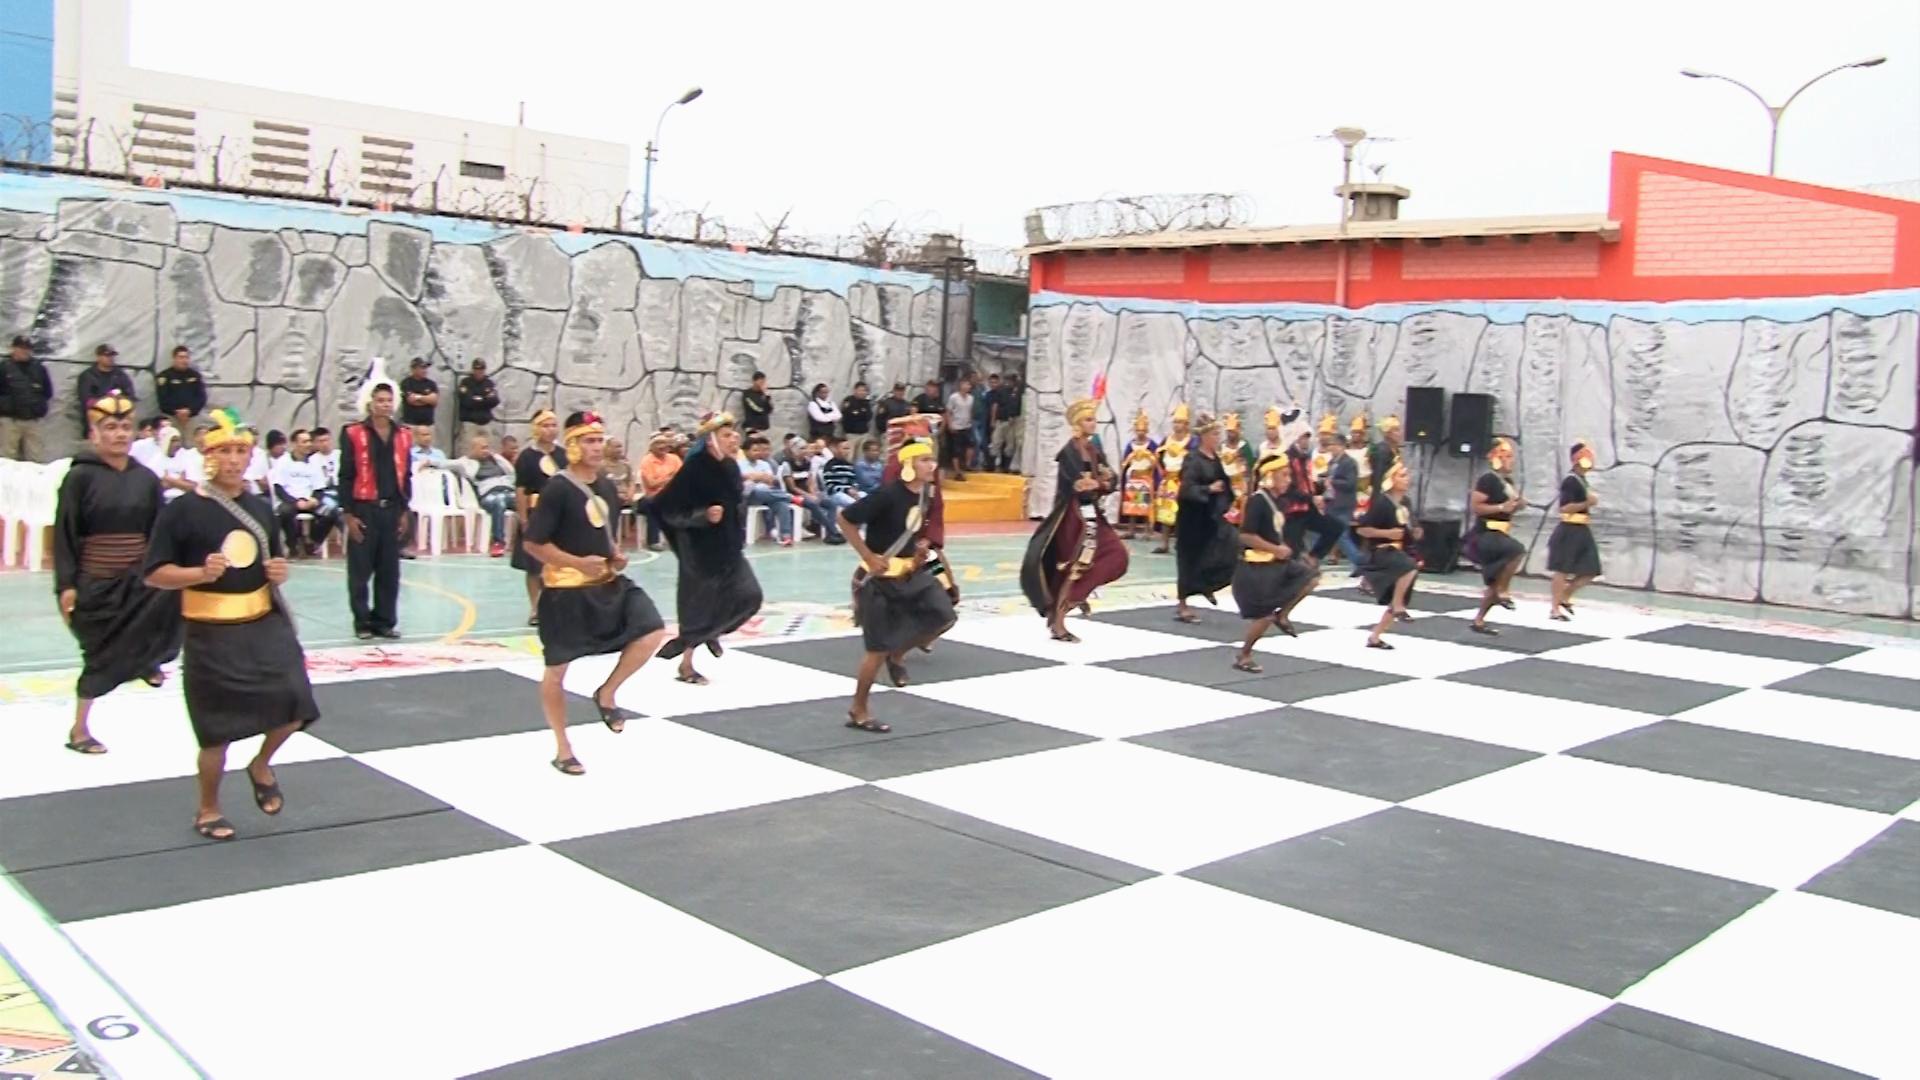 Presos de Sarita Colonia resuelven disputas con ajedrez humano